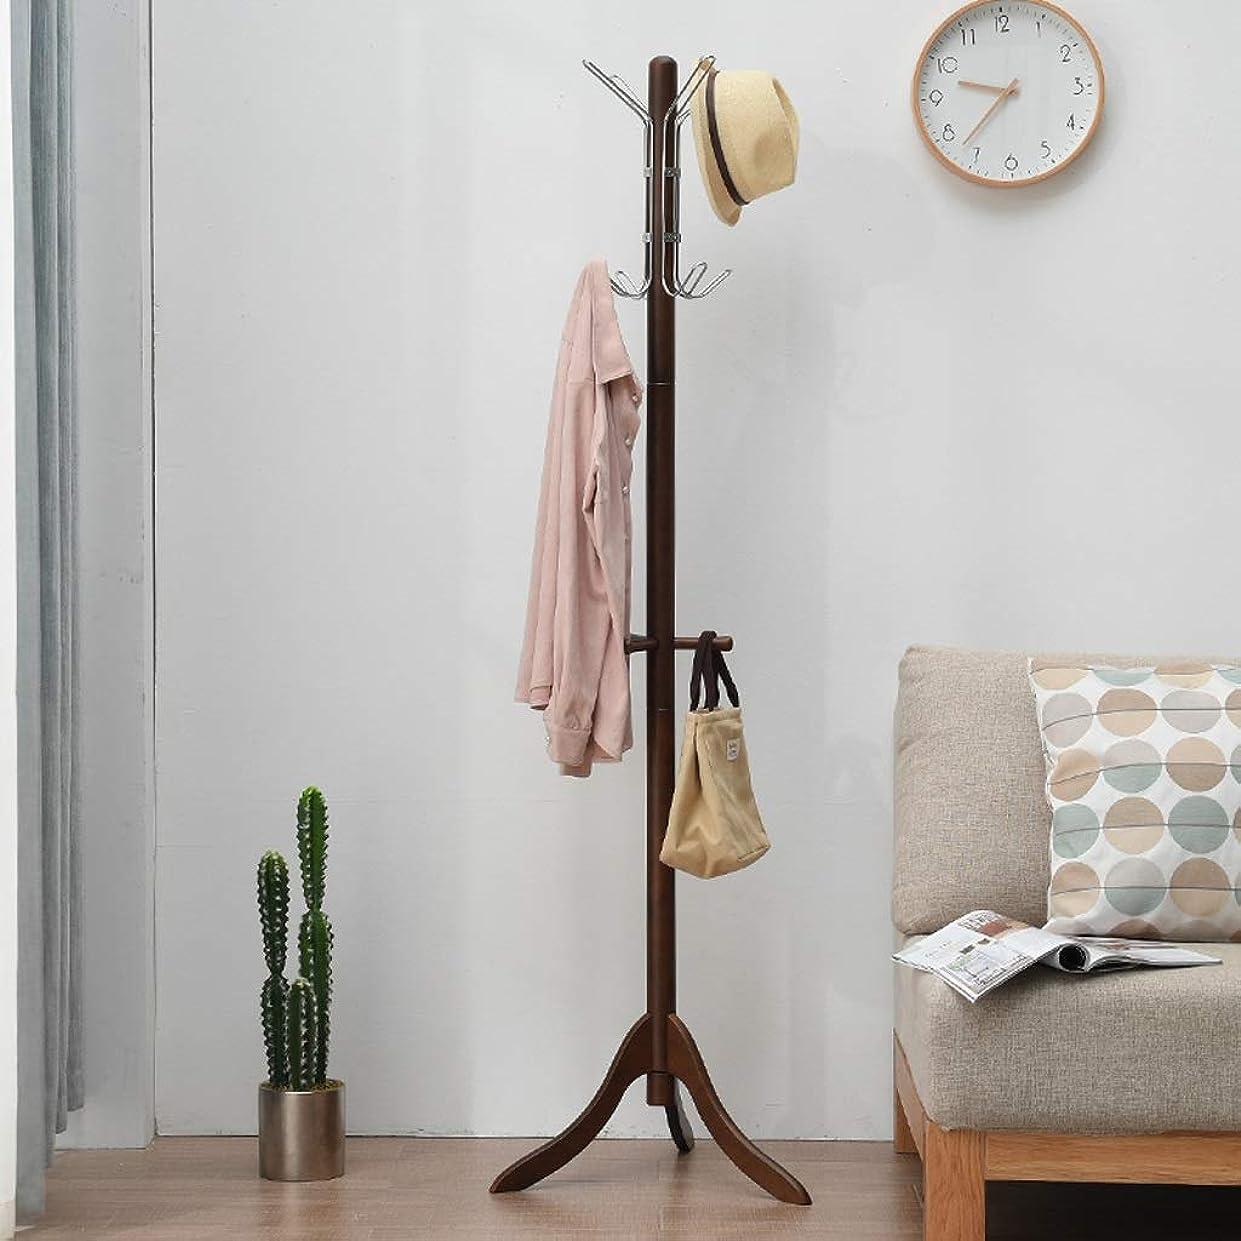 伝統一ミンチJia He コートラック コートラック、床置き家庭用ハンガー寝室リビングルームシングルバー衣類帽子収納ラック、2色ご用意 @@ (Color : B)